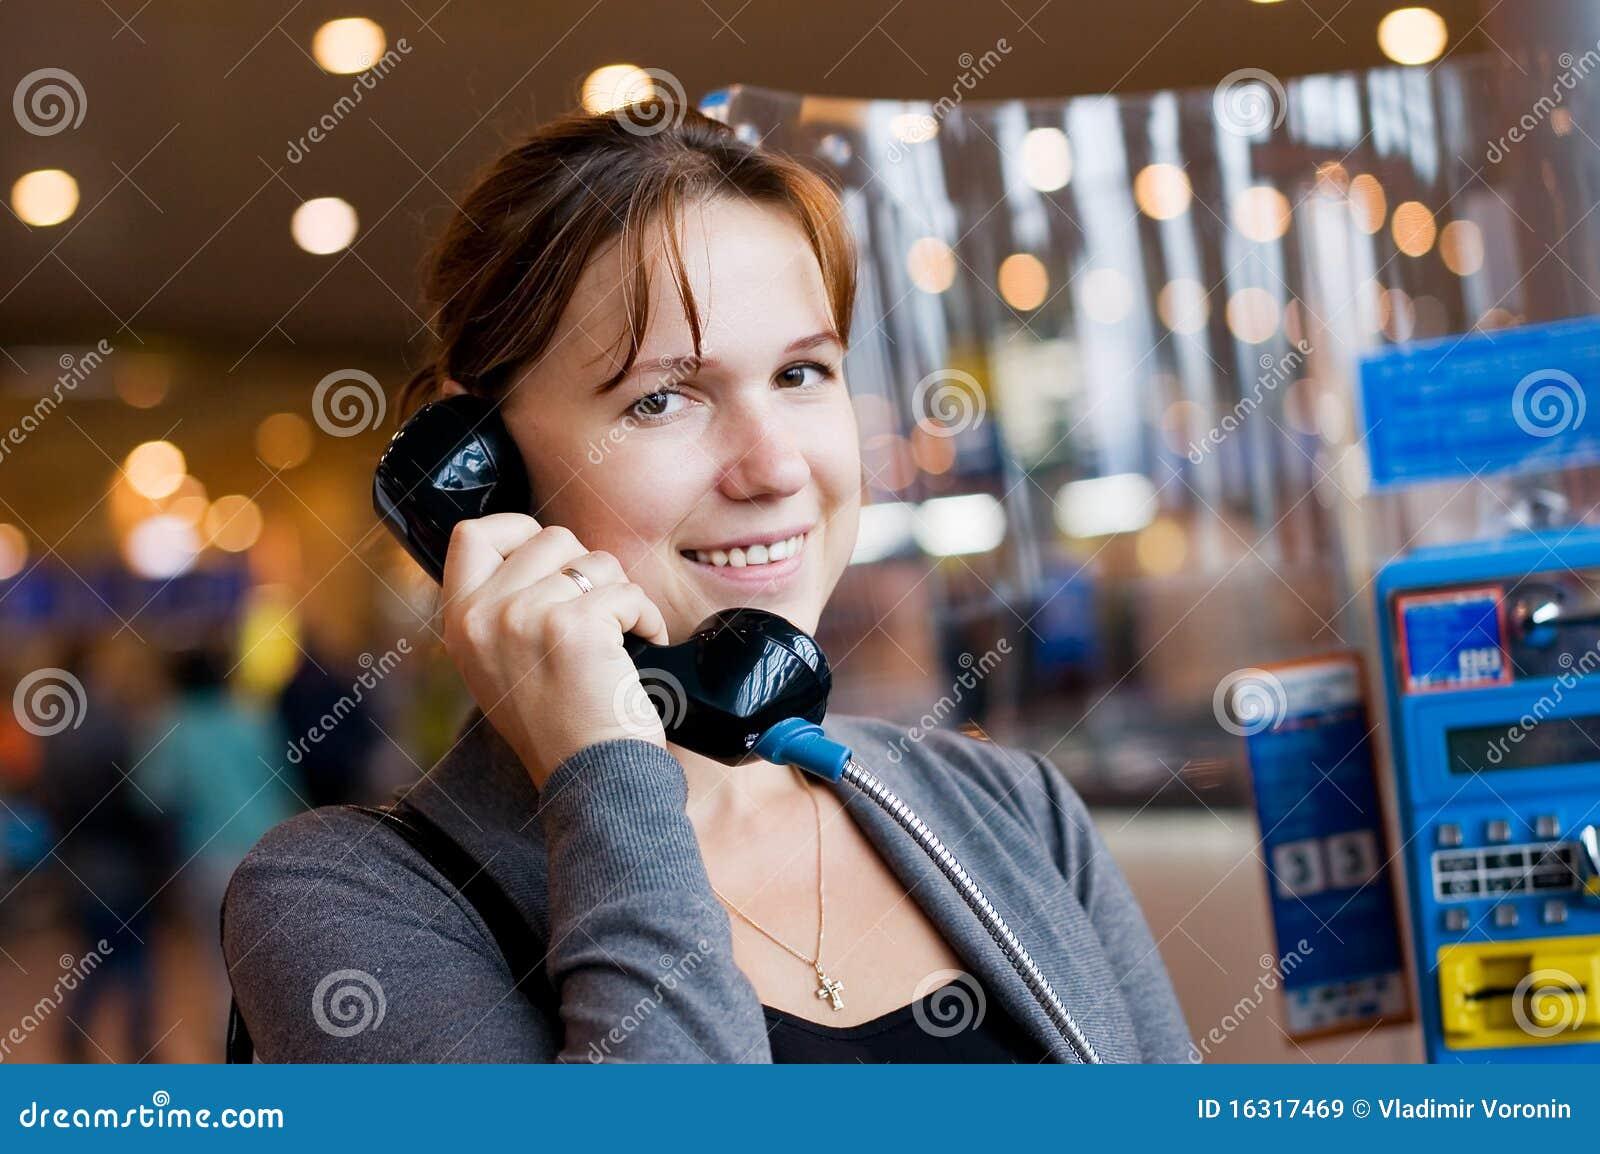 Mädchen spricht durch Telefon am Flughafen